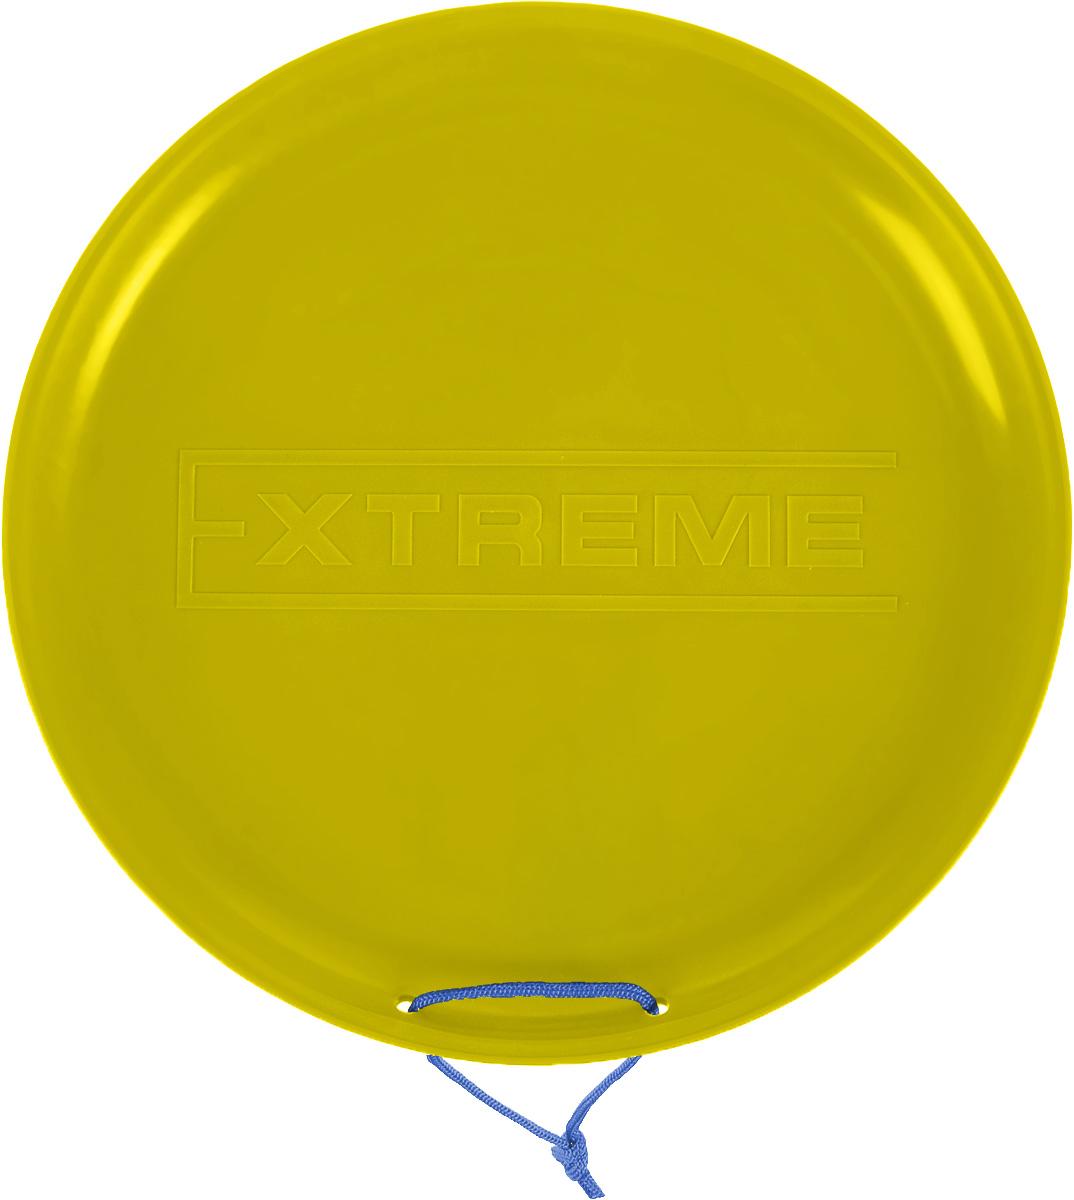 Санки-ледянки Престиж Экстрим, цвет: желтый, диаметр 40 см337713Любимая детская зимняя забава - это катание с горки. Яркие санки-ледянки Престиж Экстрим станут незаменимым атрибутом этой веселой детской игры. Санки-ледянки - это специальная пластиковая тарелка, облегчающая скольжение и увеличивающая скорость движения по горке. Ледянка выполнена из прочного гибкого пластика и снабжена текстильной ручкой для транспортировки. Конфигурация санок позволяет удобно сидеть и развивать лучшую скорость. Благодаря малому весу ледянку, в отличие от обычных санок, легко нести с собой даже ребенку.